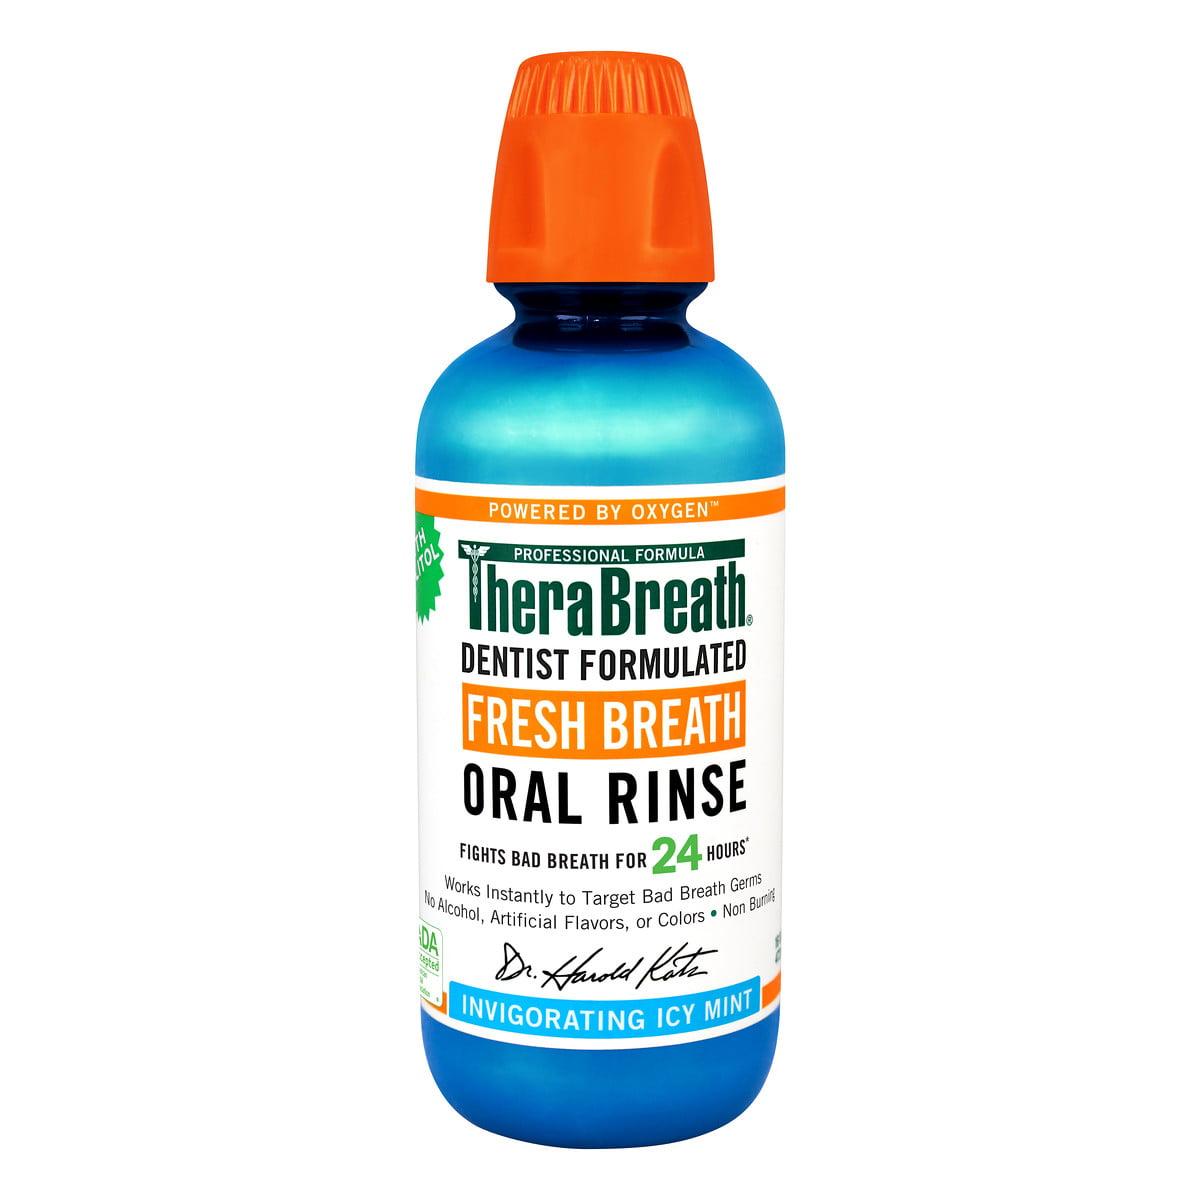 TheraBreath Fresh Breath Oral Rinse Invigorating Icy Mint, 16.0 FL OZ